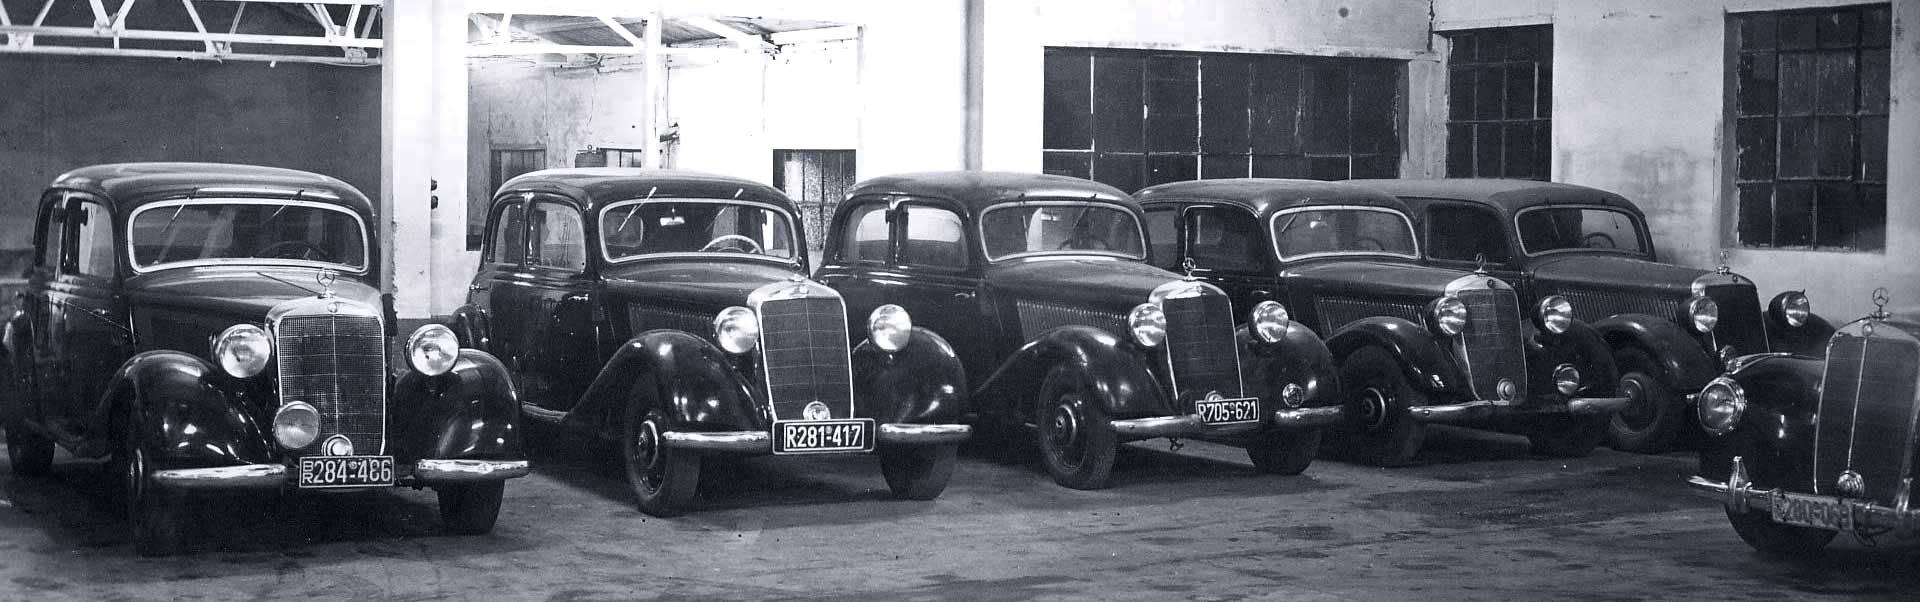 1952-Essen-Kupferdreh-Autohaus-Hans-Schulte-Oversohl-Mercedes-Benz-Typ-170-W136-und-Typ-220-W187